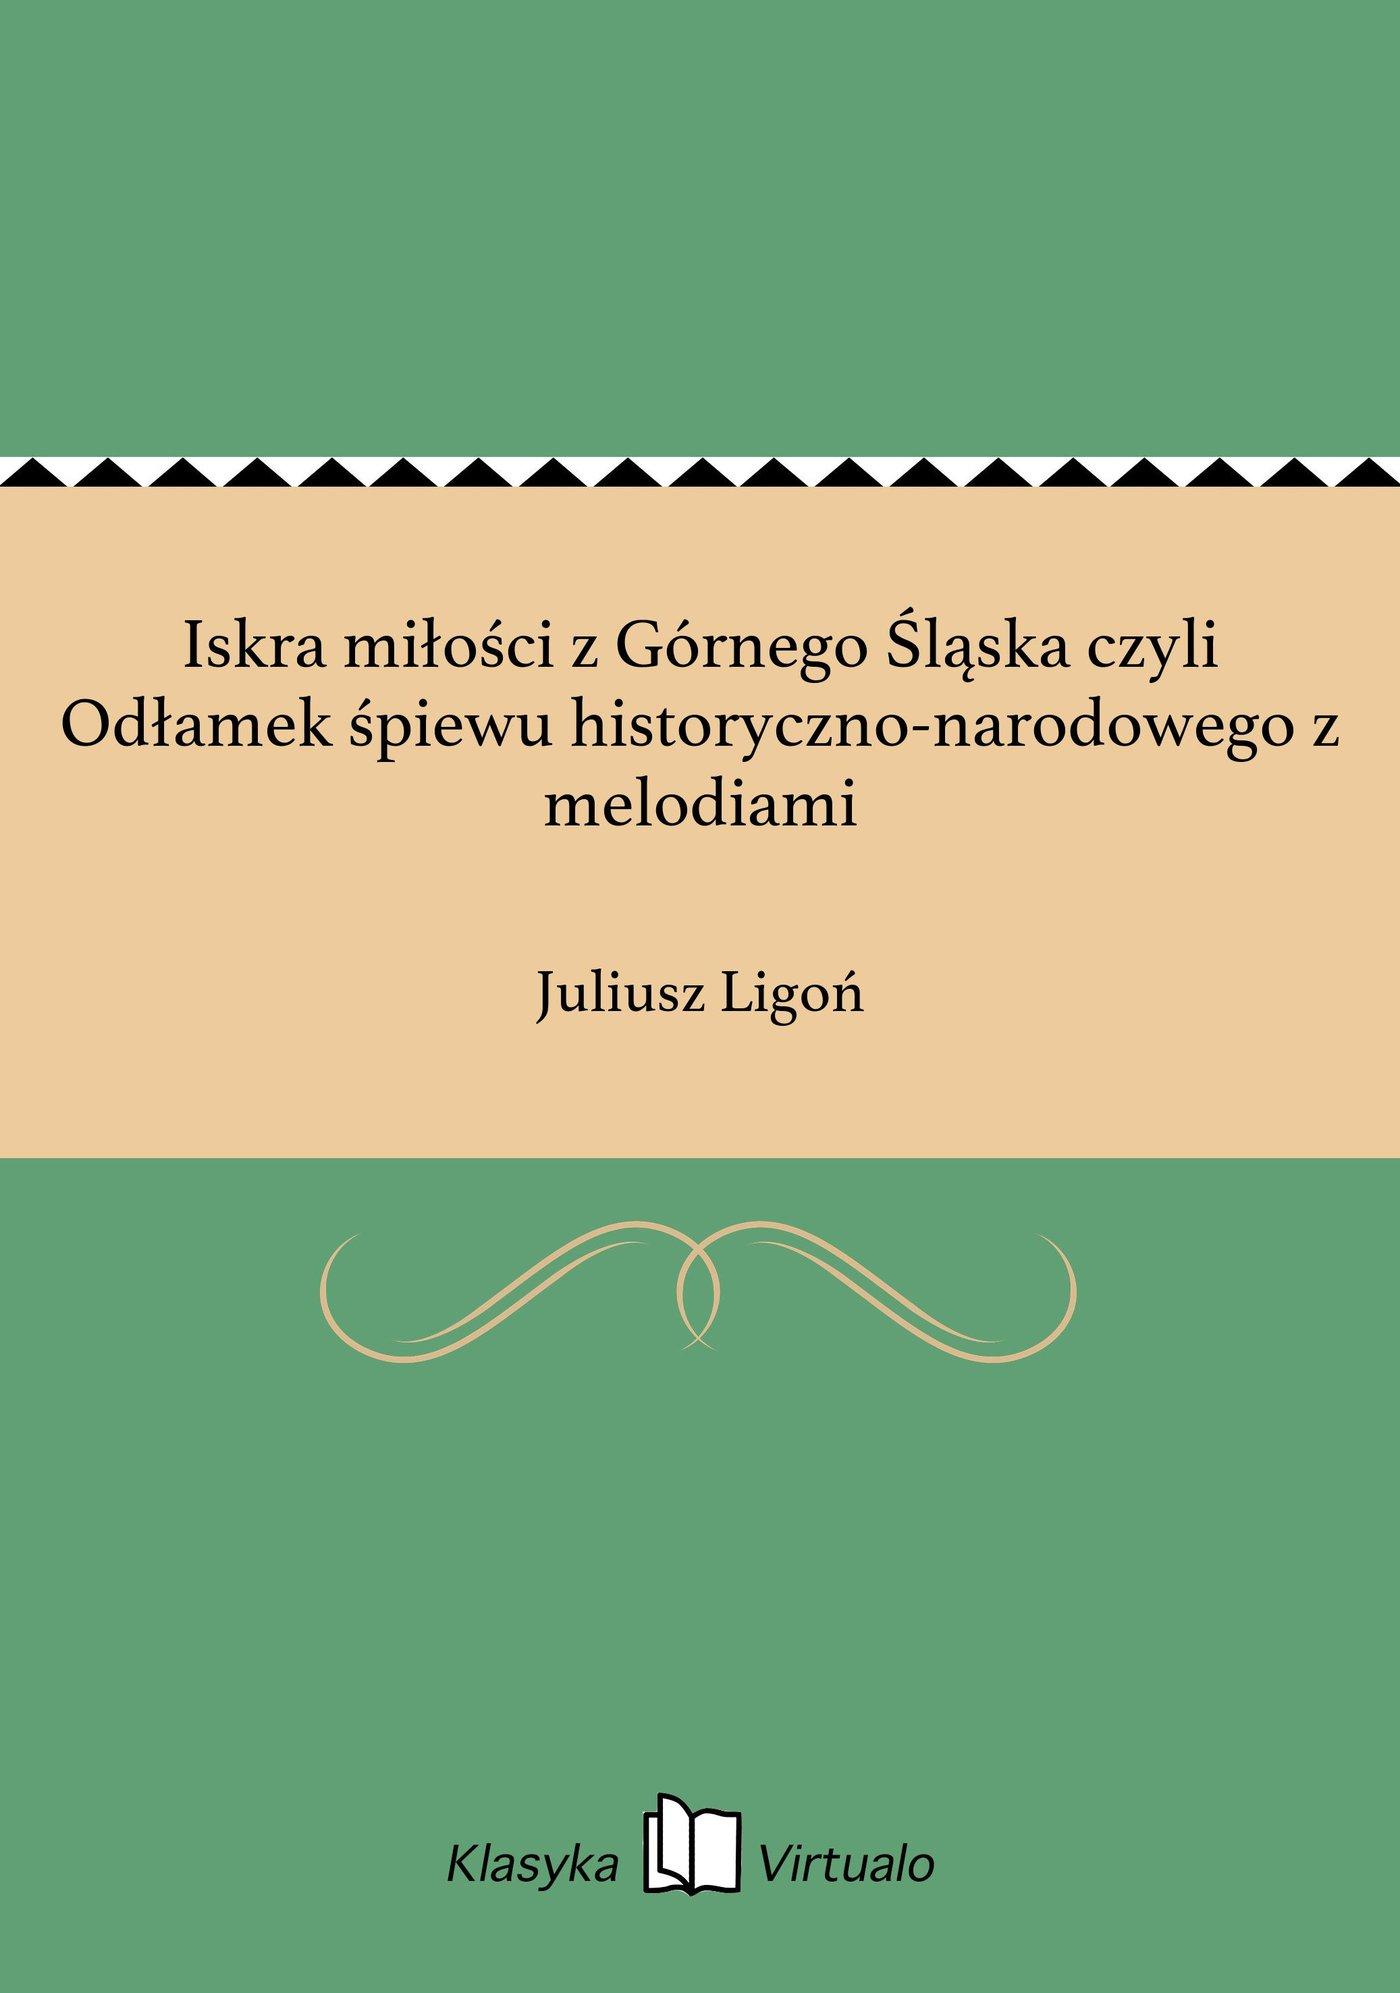 Iskra miłości z Górnego Śląska czyli Odłamek śpiewu historyczno-narodowego z melodiami - Ebook (Książka na Kindle) do pobrania w formacie MOBI